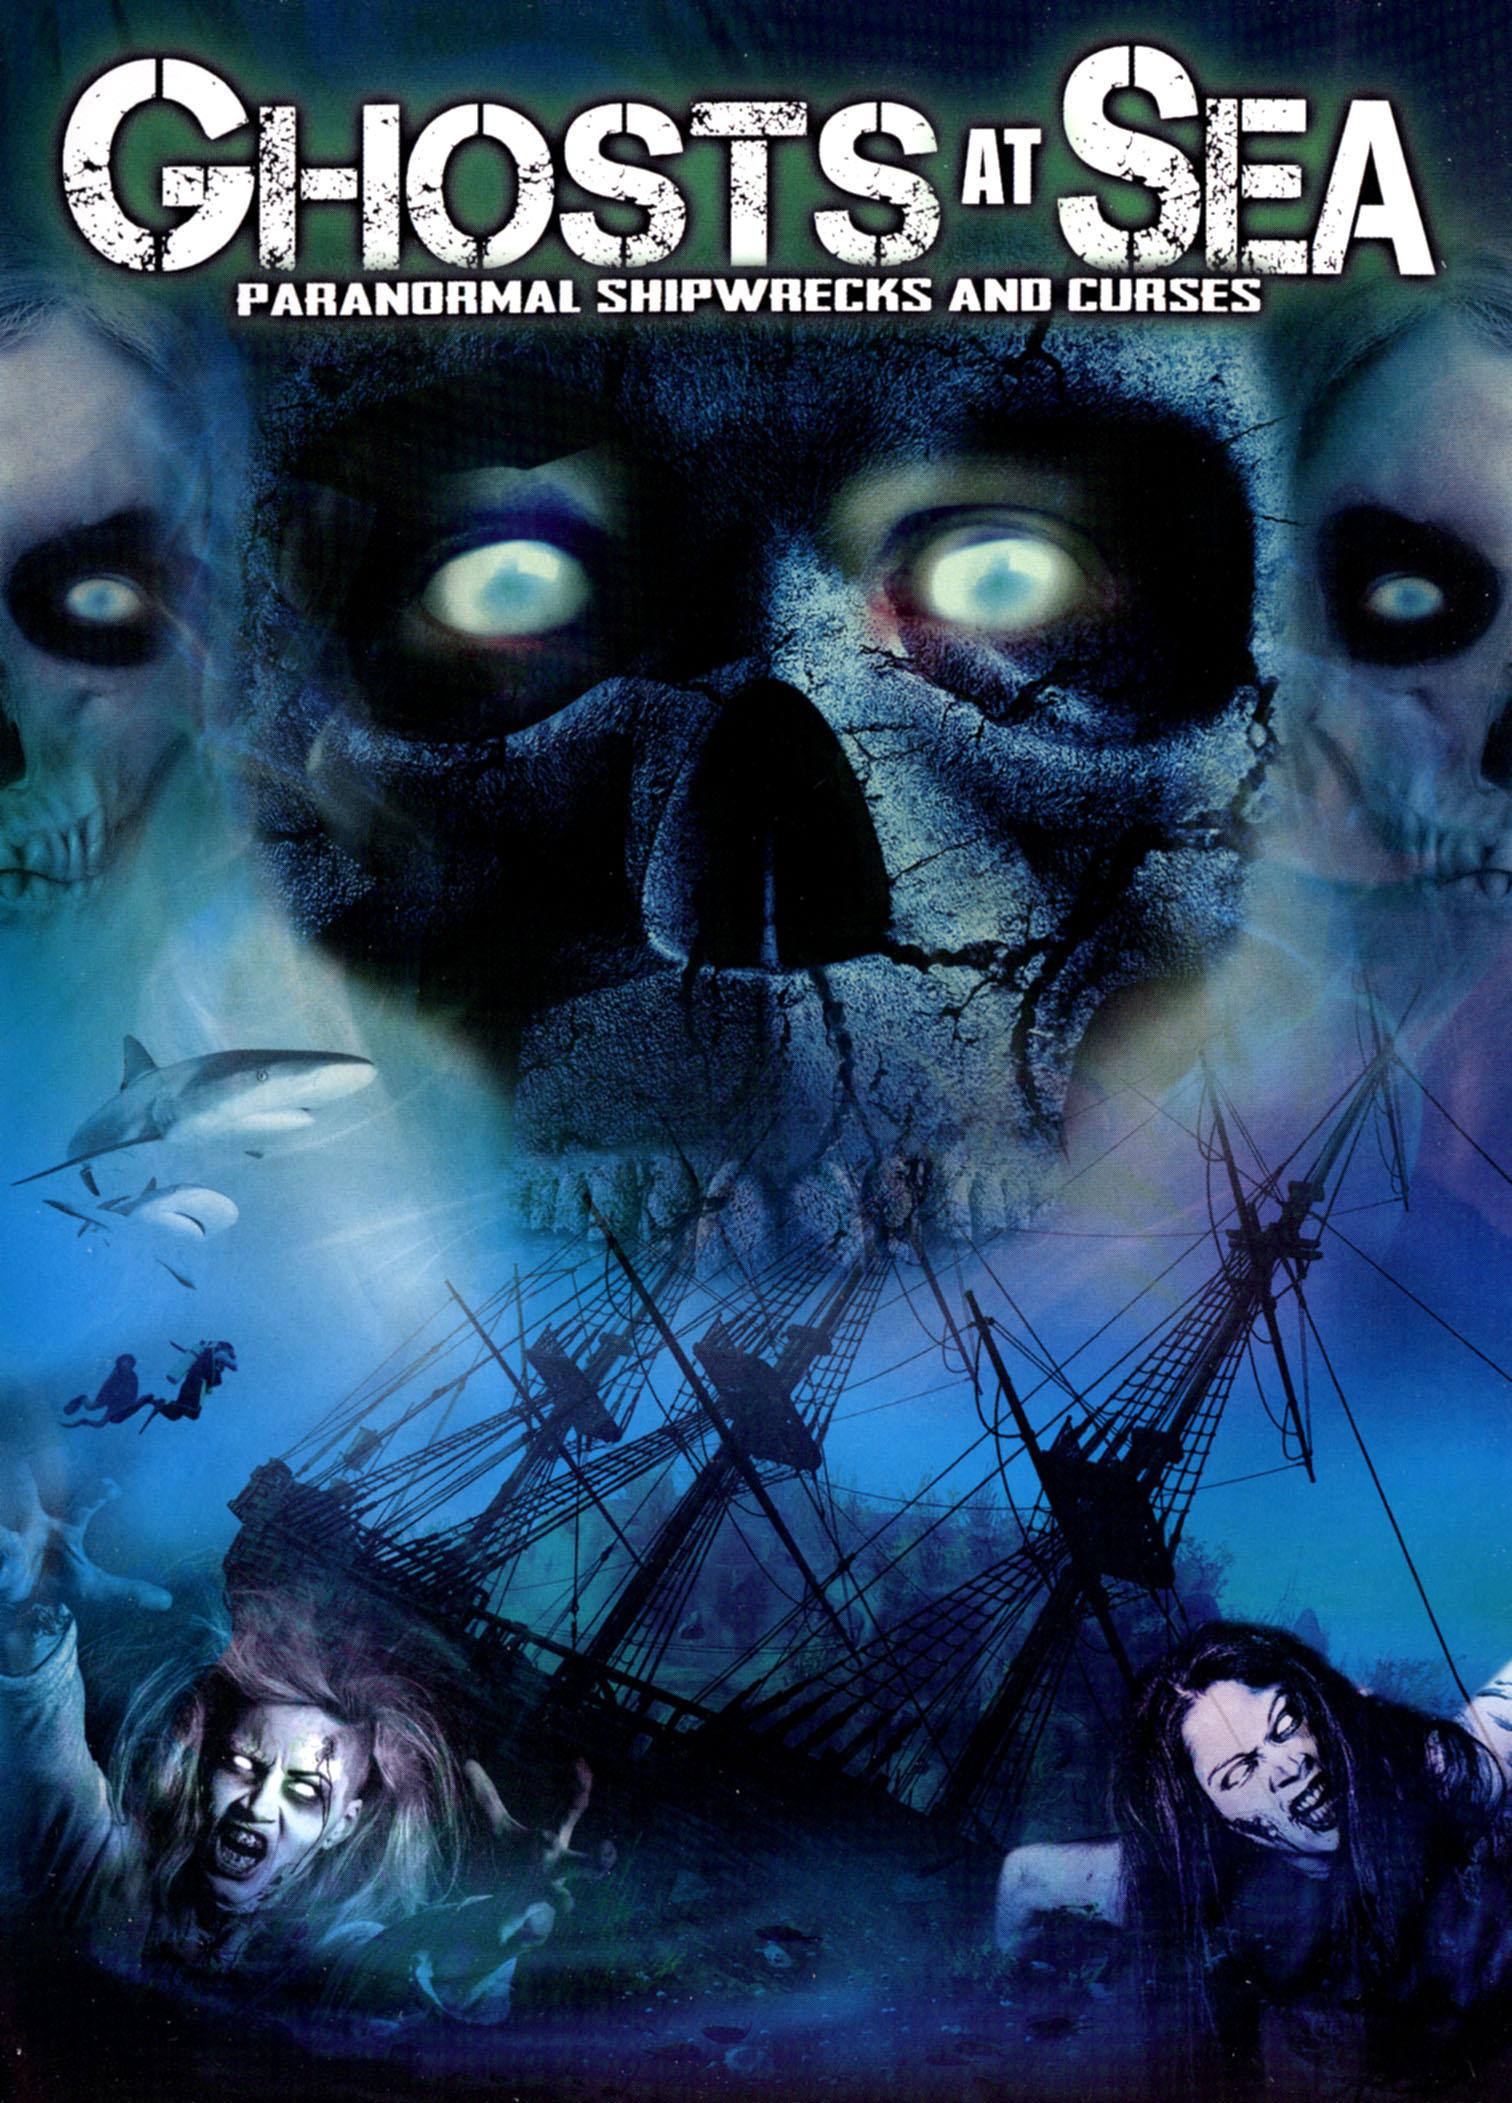 Ghost at Sea: Paranormal Shipwrecks and Curses